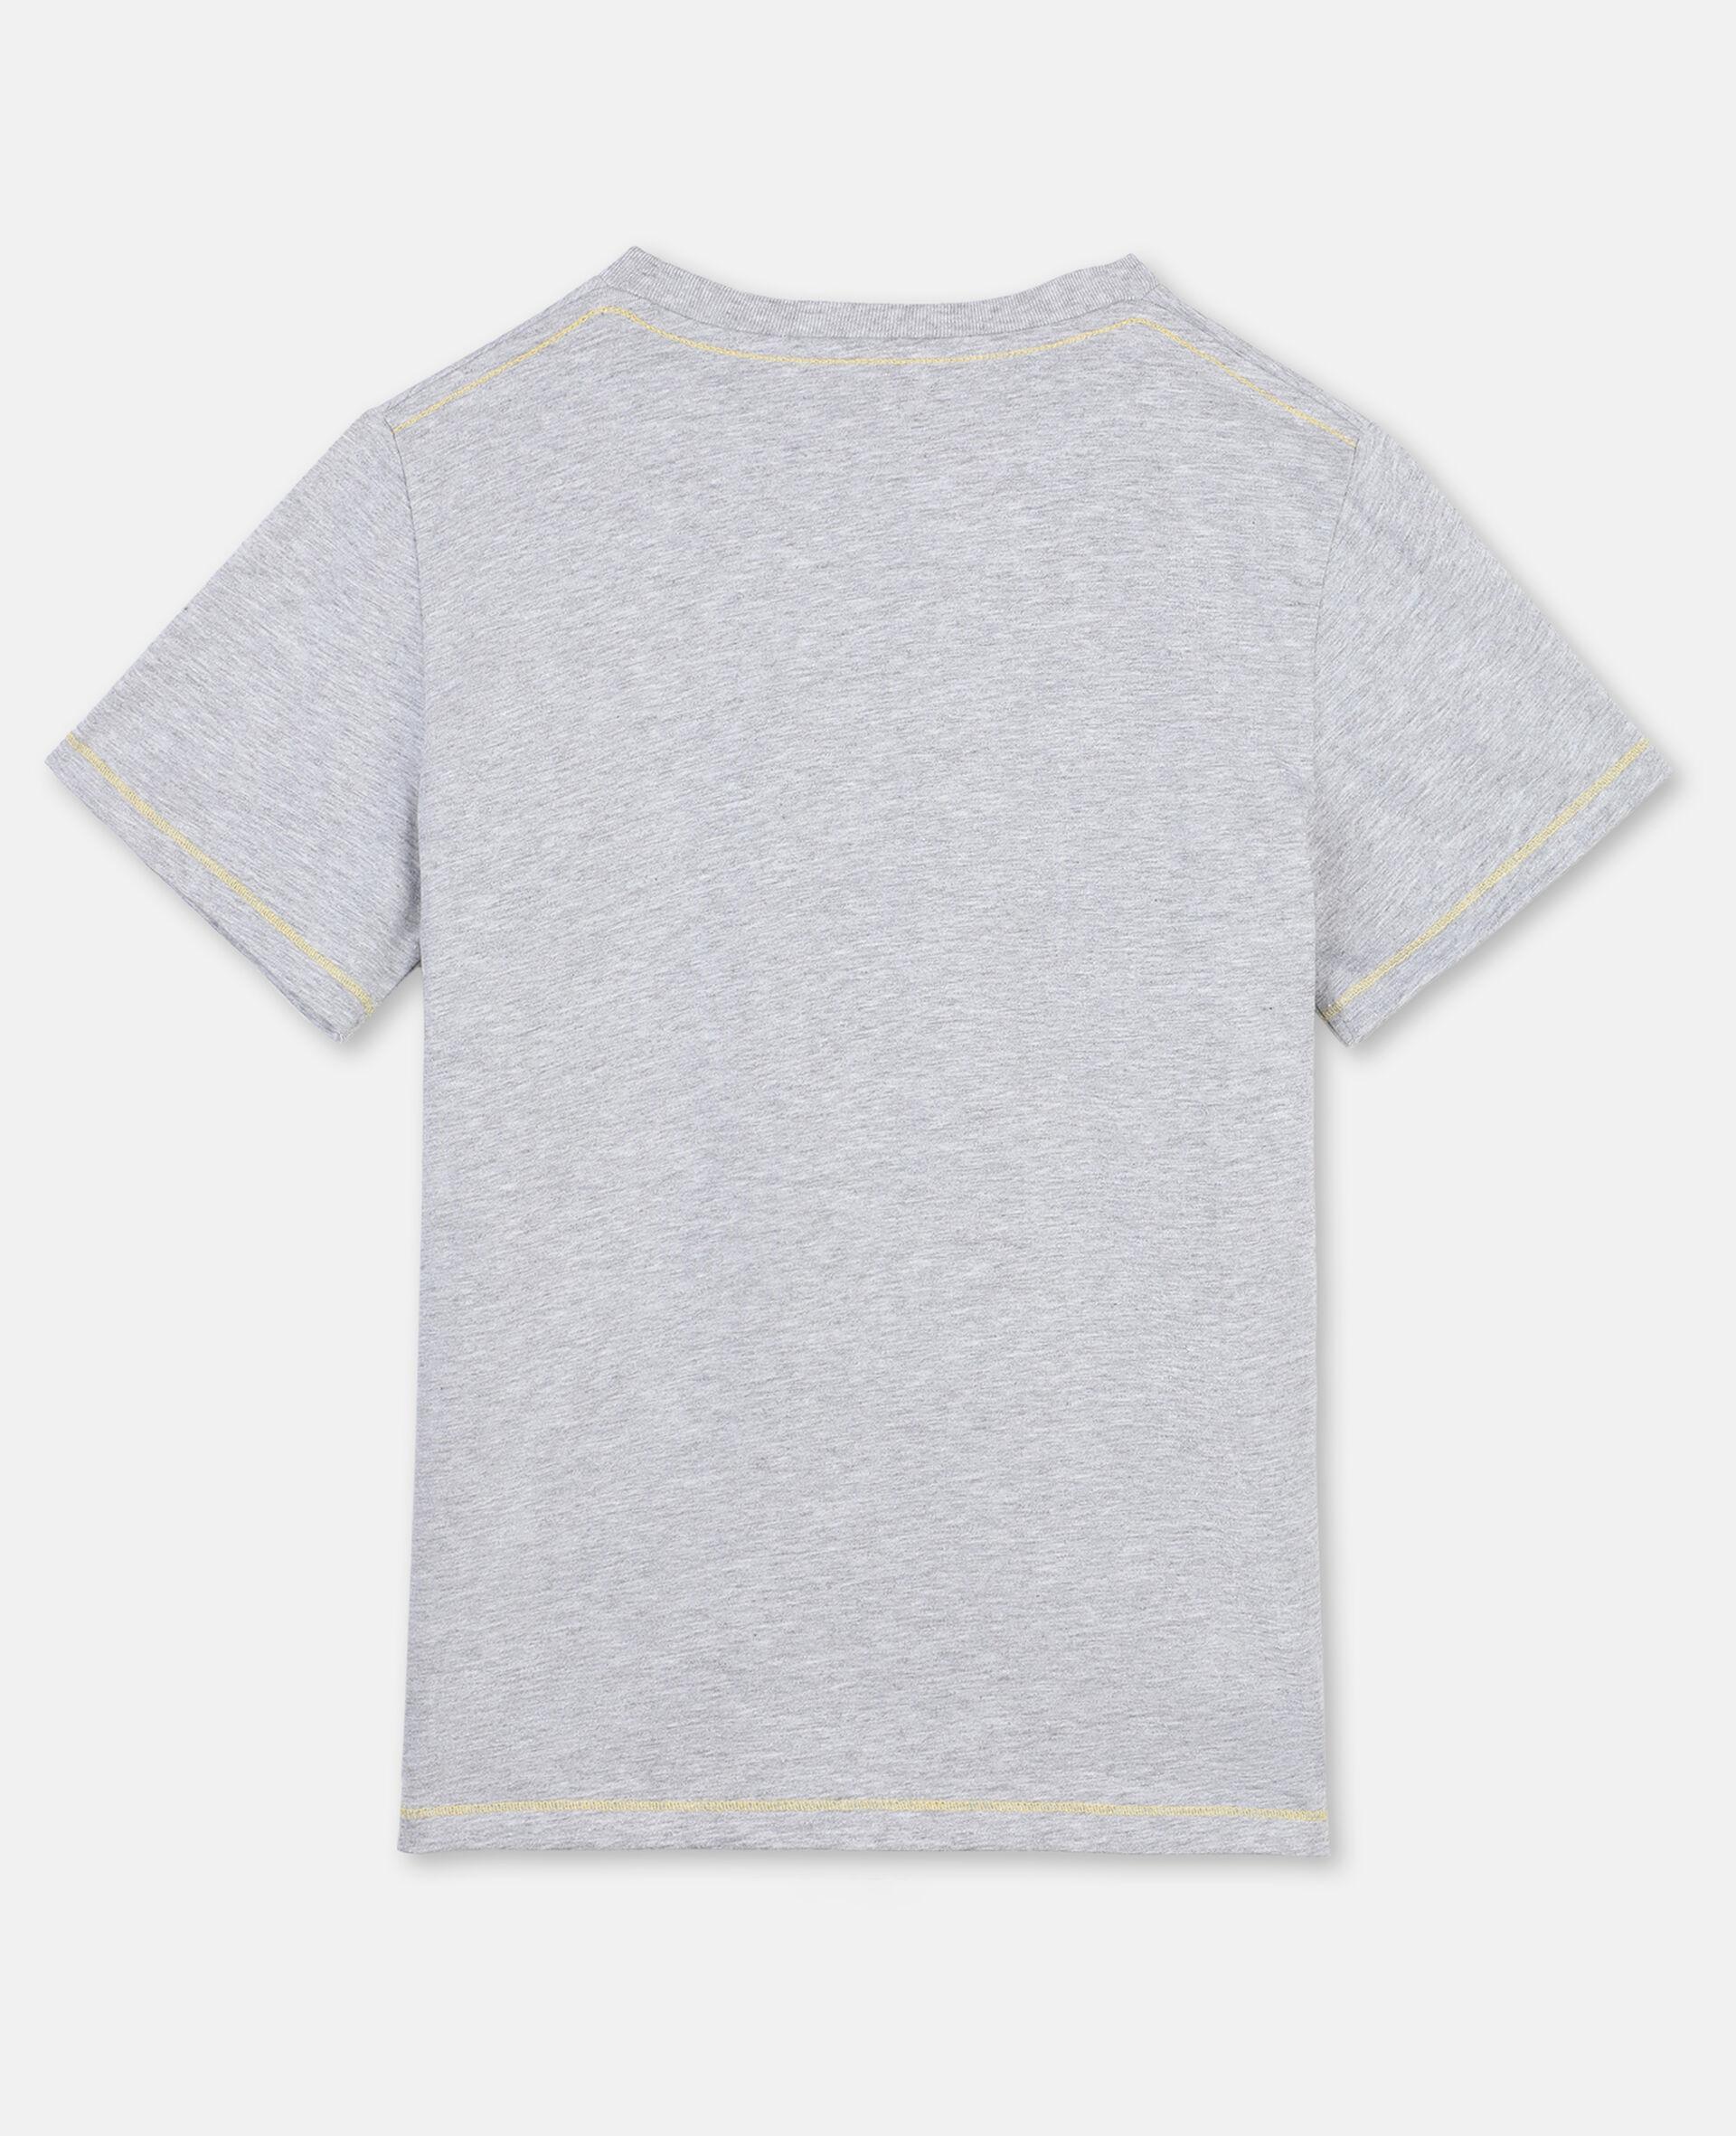 Cheetah Cotton T-shirt-Grey-large image number 3